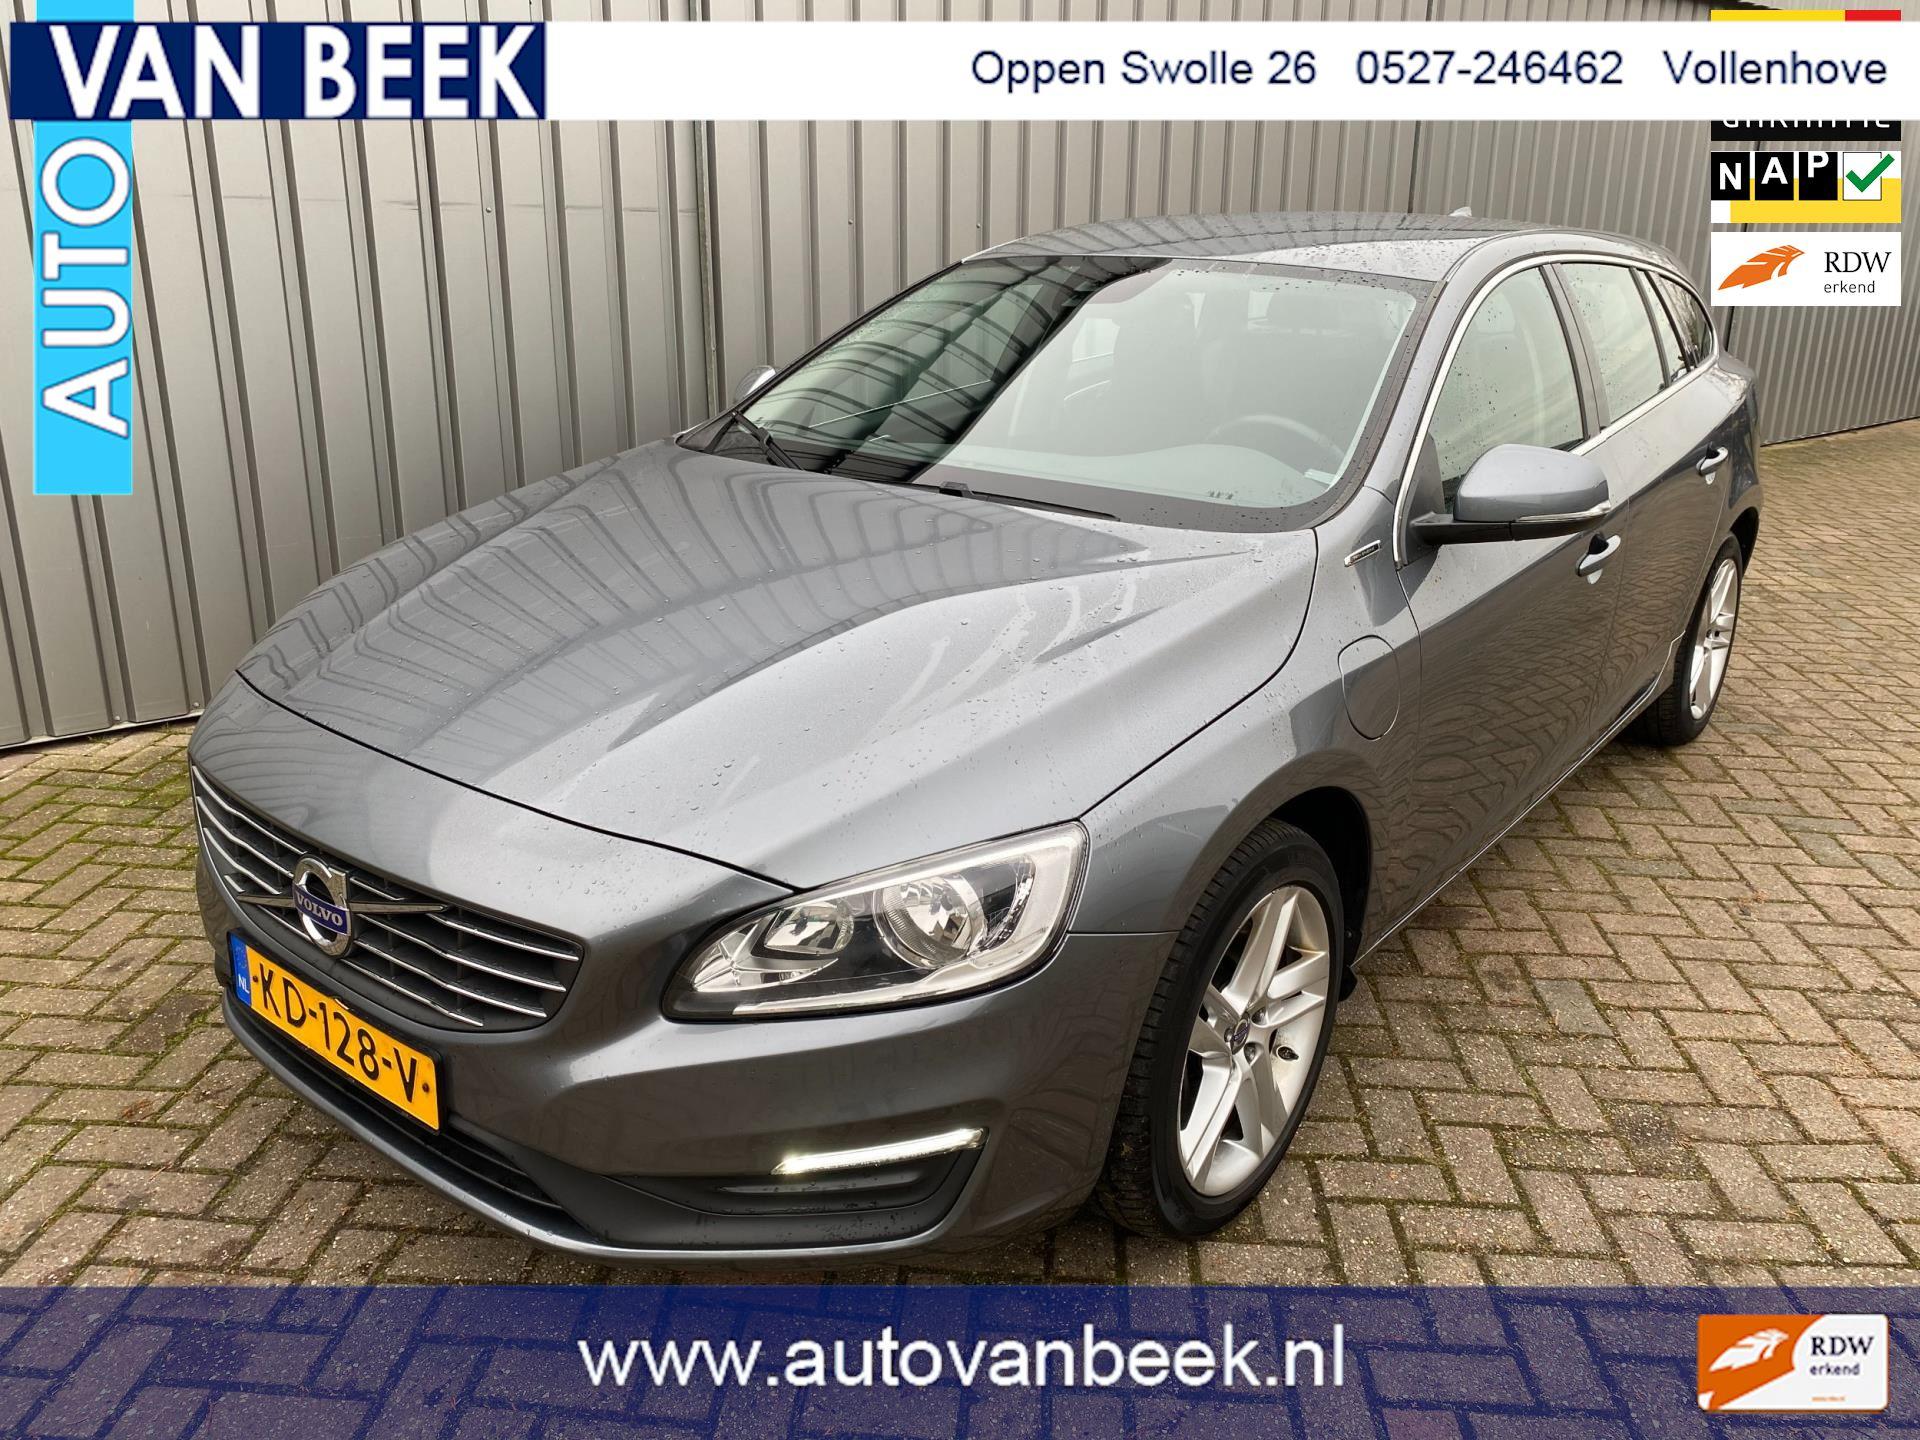 Volvo V60 occasion - autovanbeek